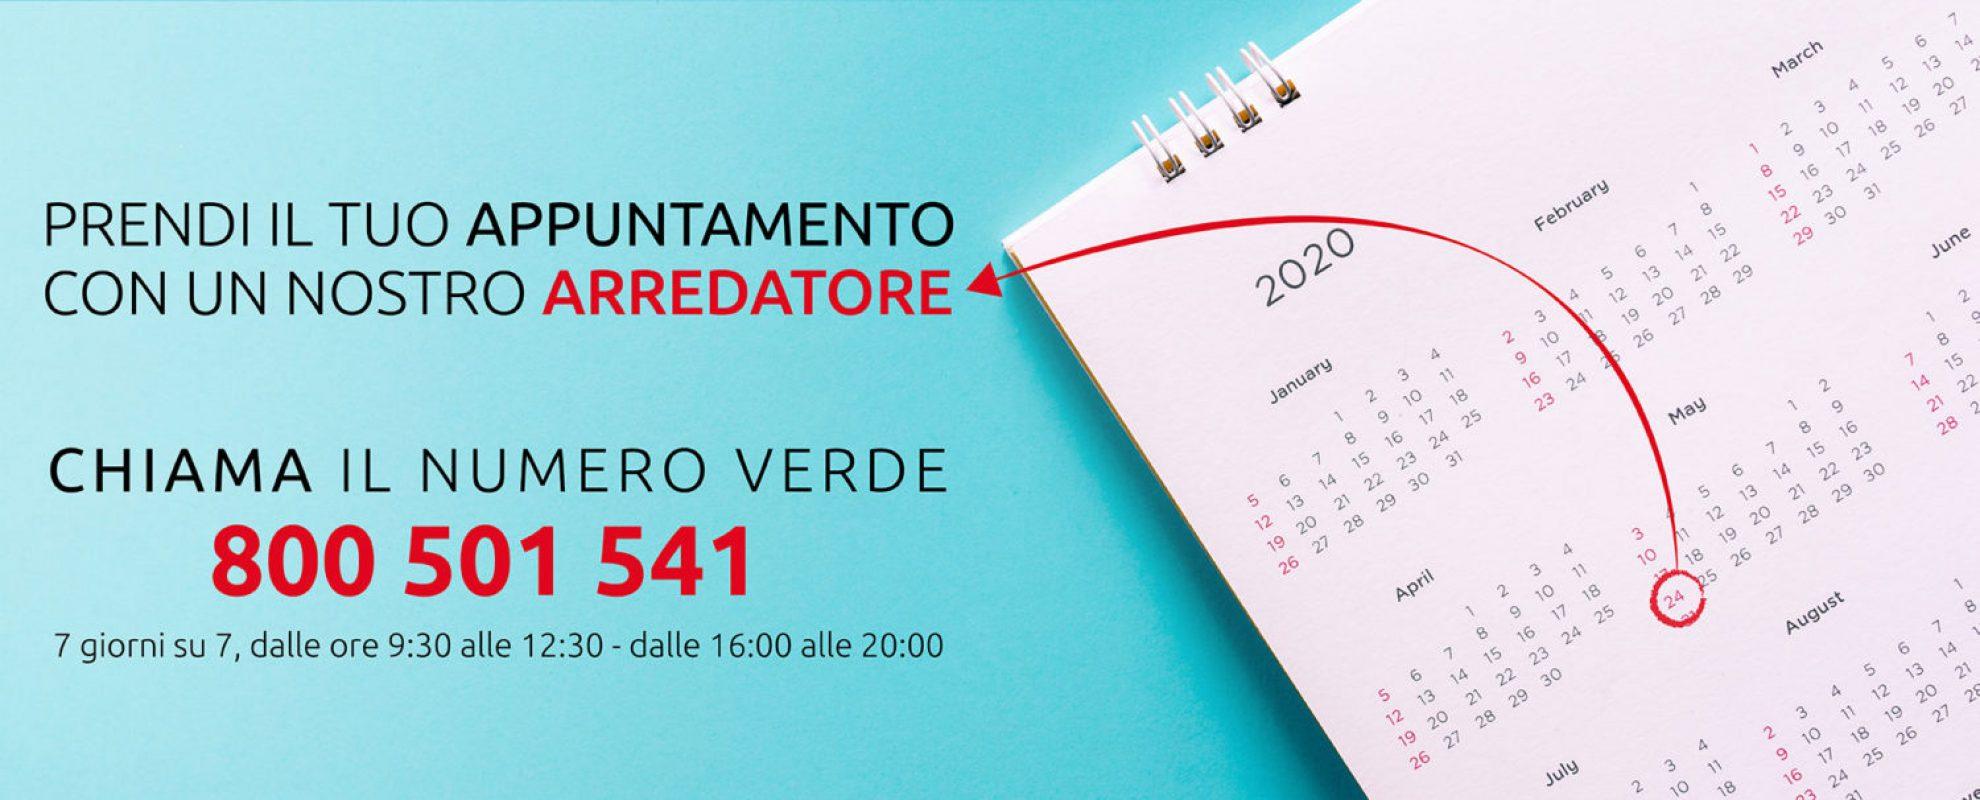 calendario homepage_Tavola disegno 1_Tavola disegno 1